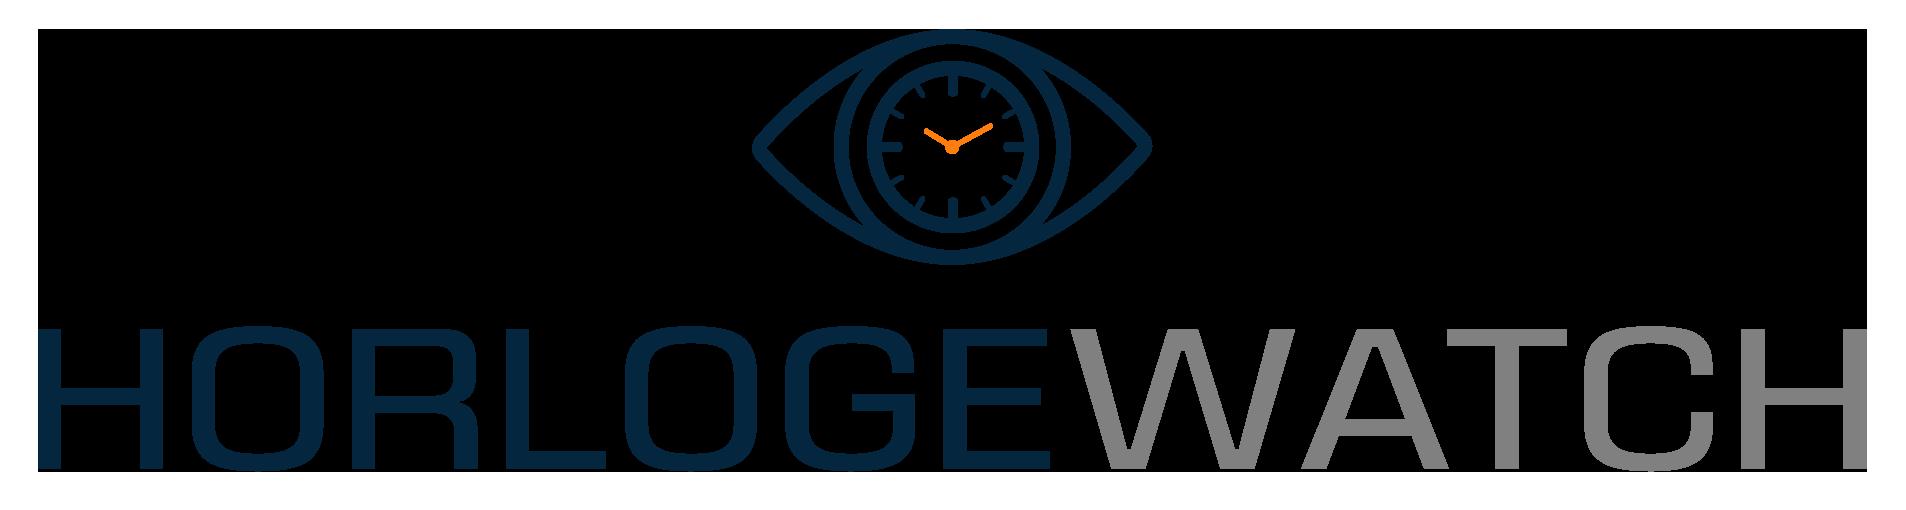 HorlogeWatch logo